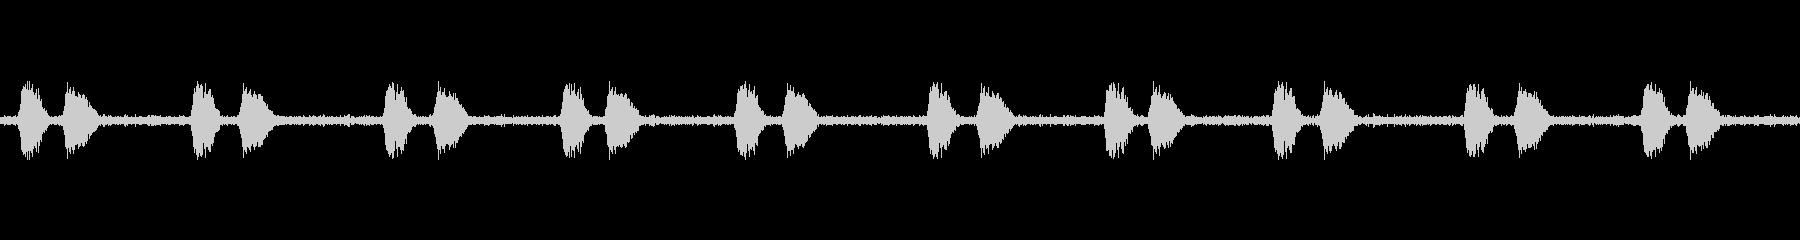 【カラス 生録 環境01-3】の未再生の波形